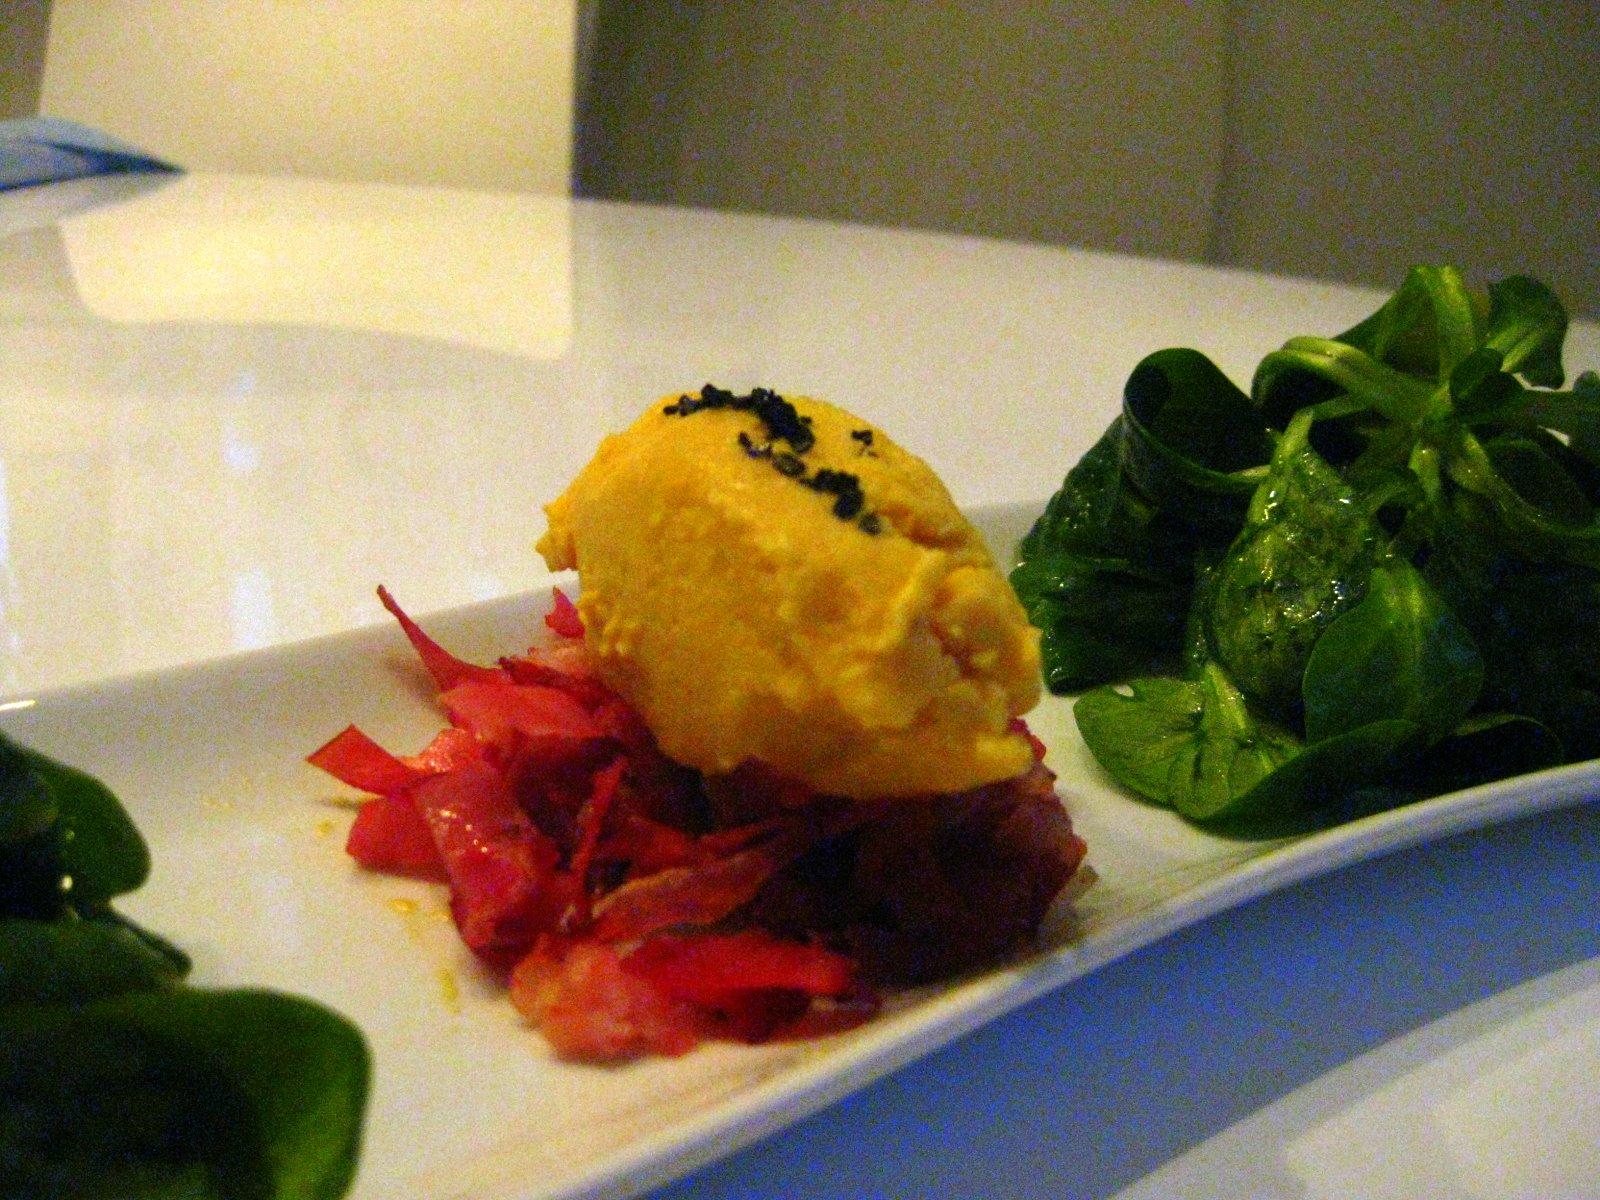 Gelbe Beete Sorbet auf geröstetem Wildschweinschinken mit Feldsalat | Arthurs Tochter kocht. von Astrid Paul